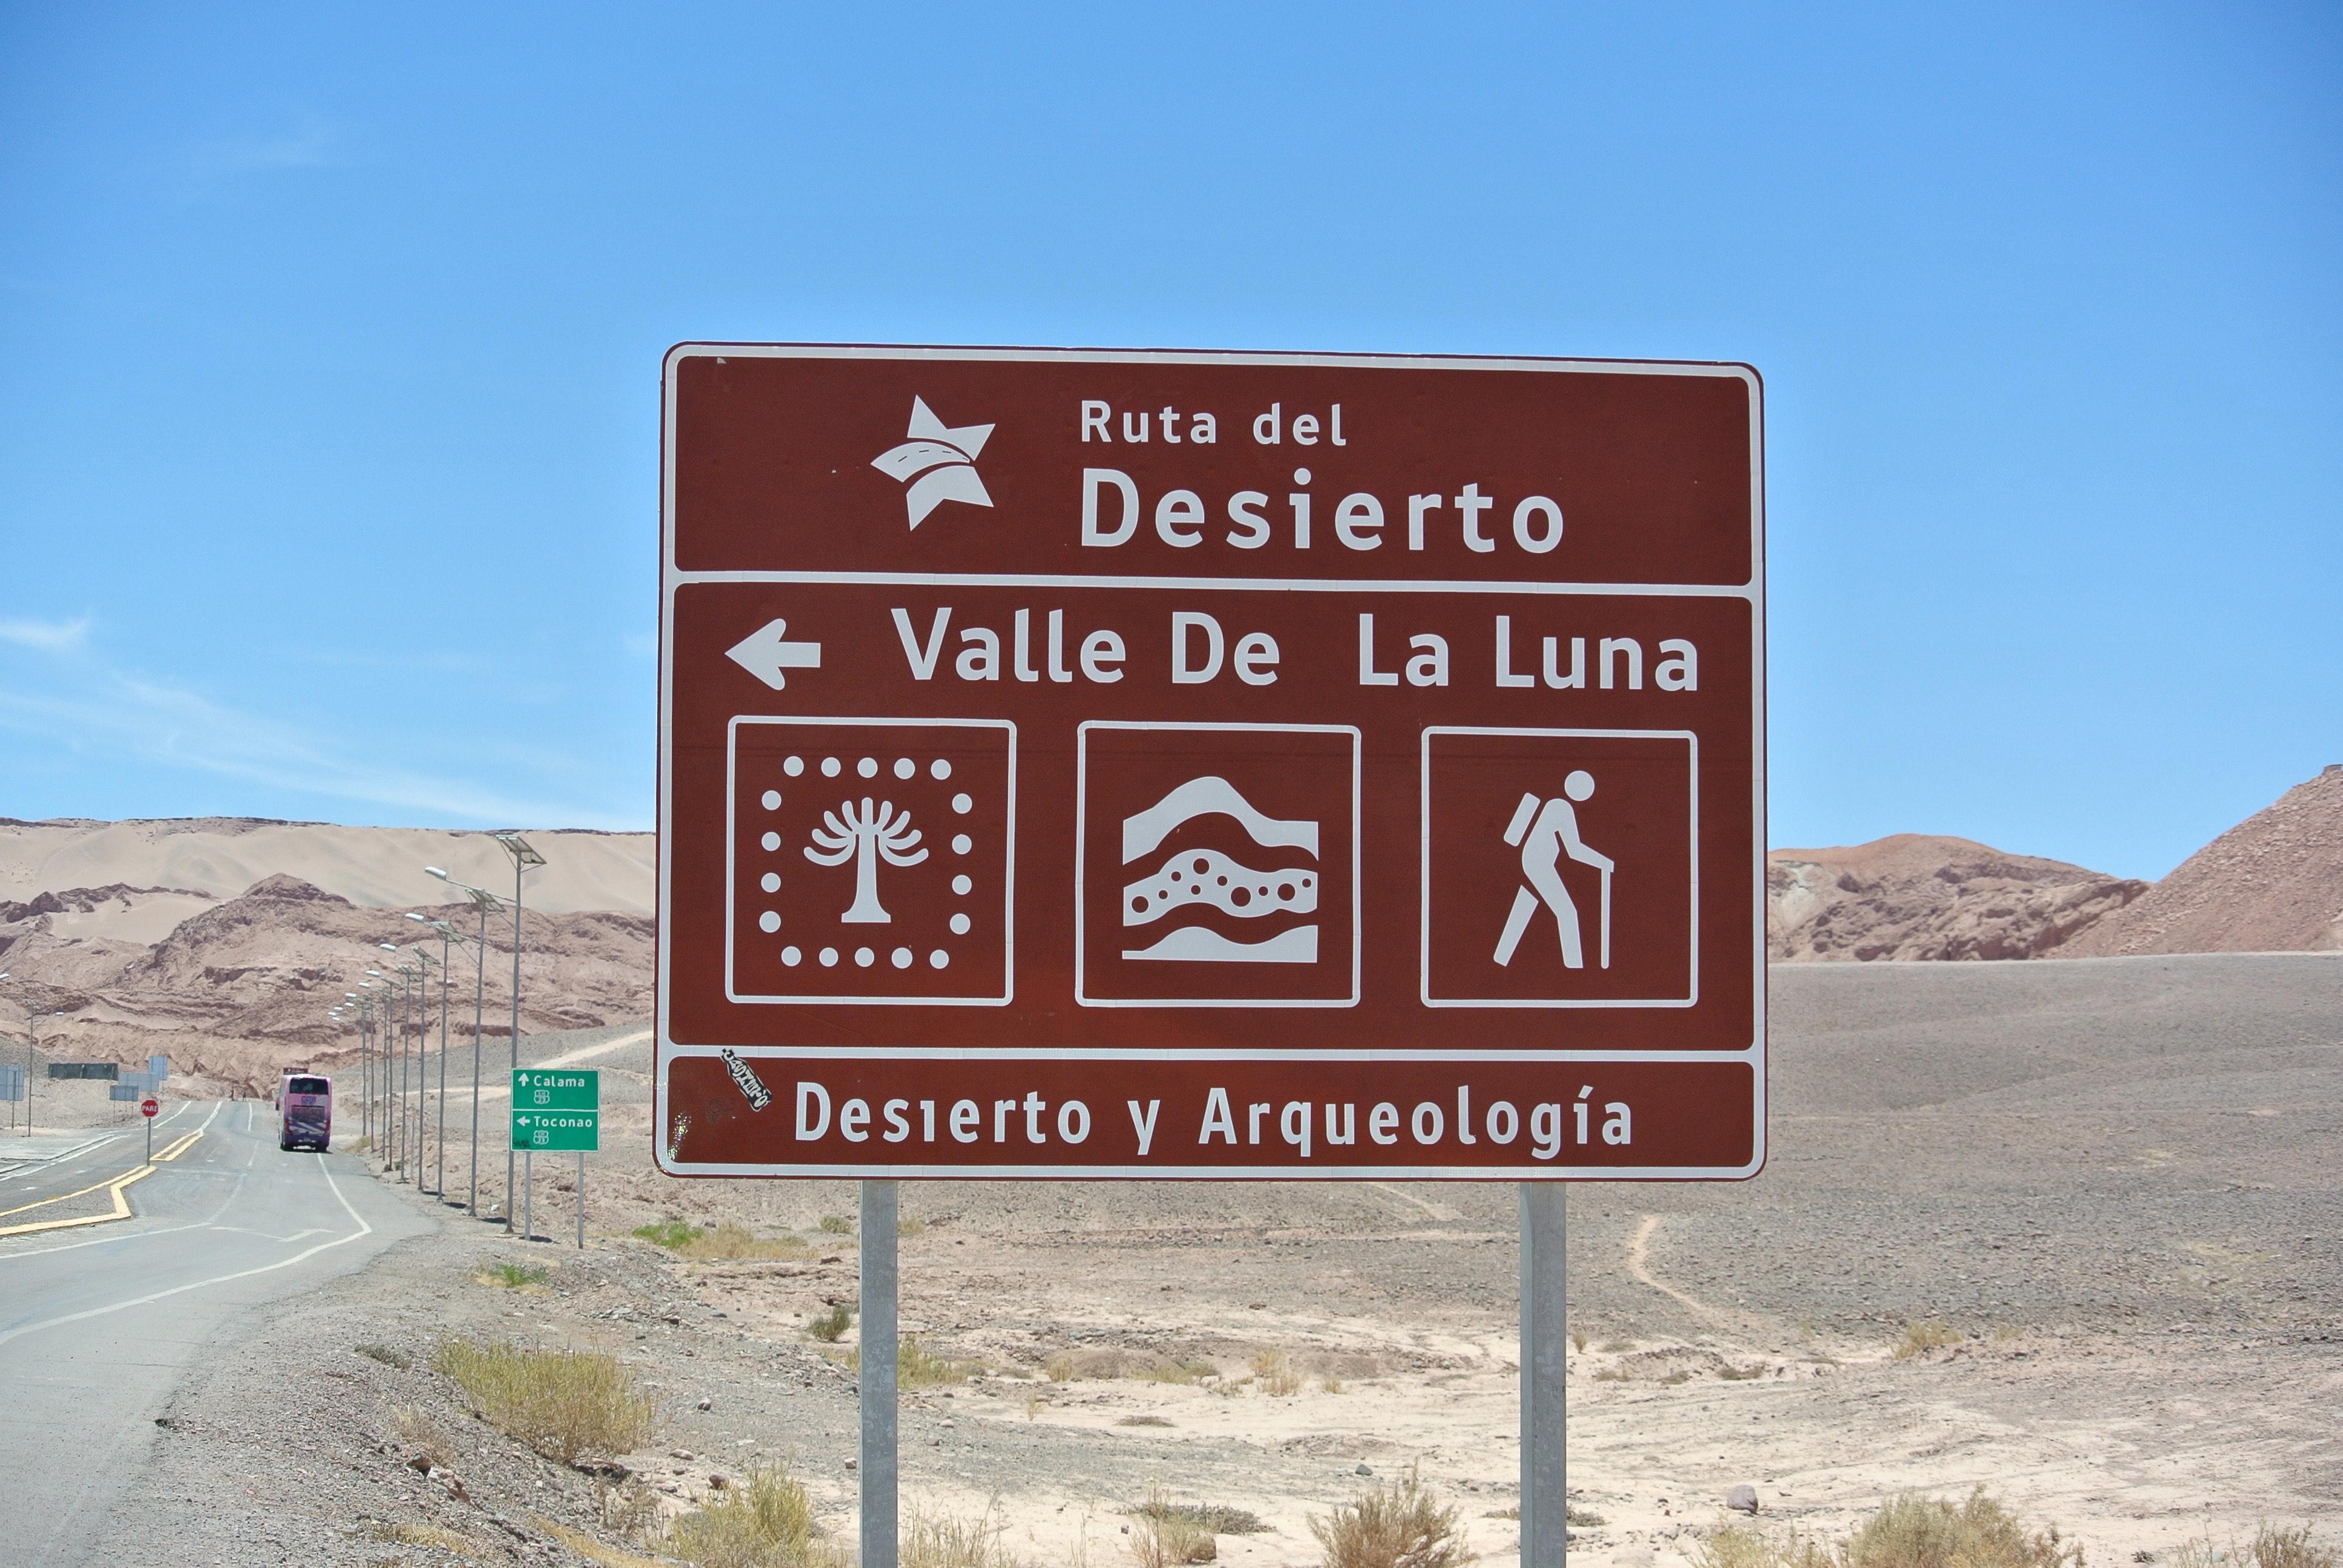 0024 0812 Calama - Valle de la Luna 15jpeg